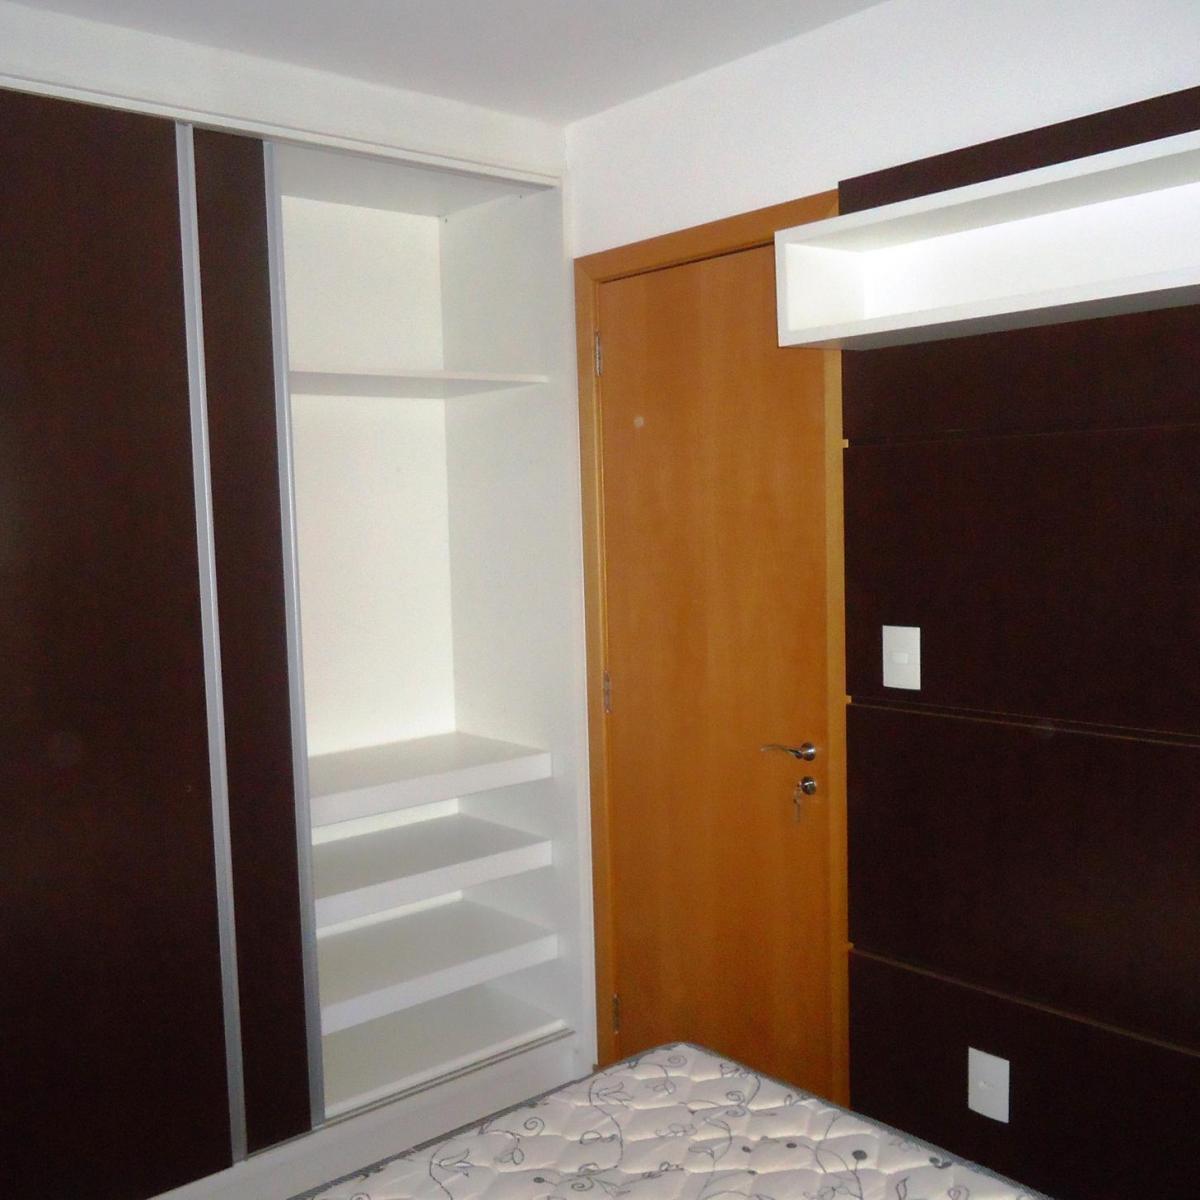 Imagens de #834410 Apartamento para aluguel com 1 Quarto Centro Curitiba R$ 1.300 48  1200x1200 px 2810 Box Banheiro Manchado